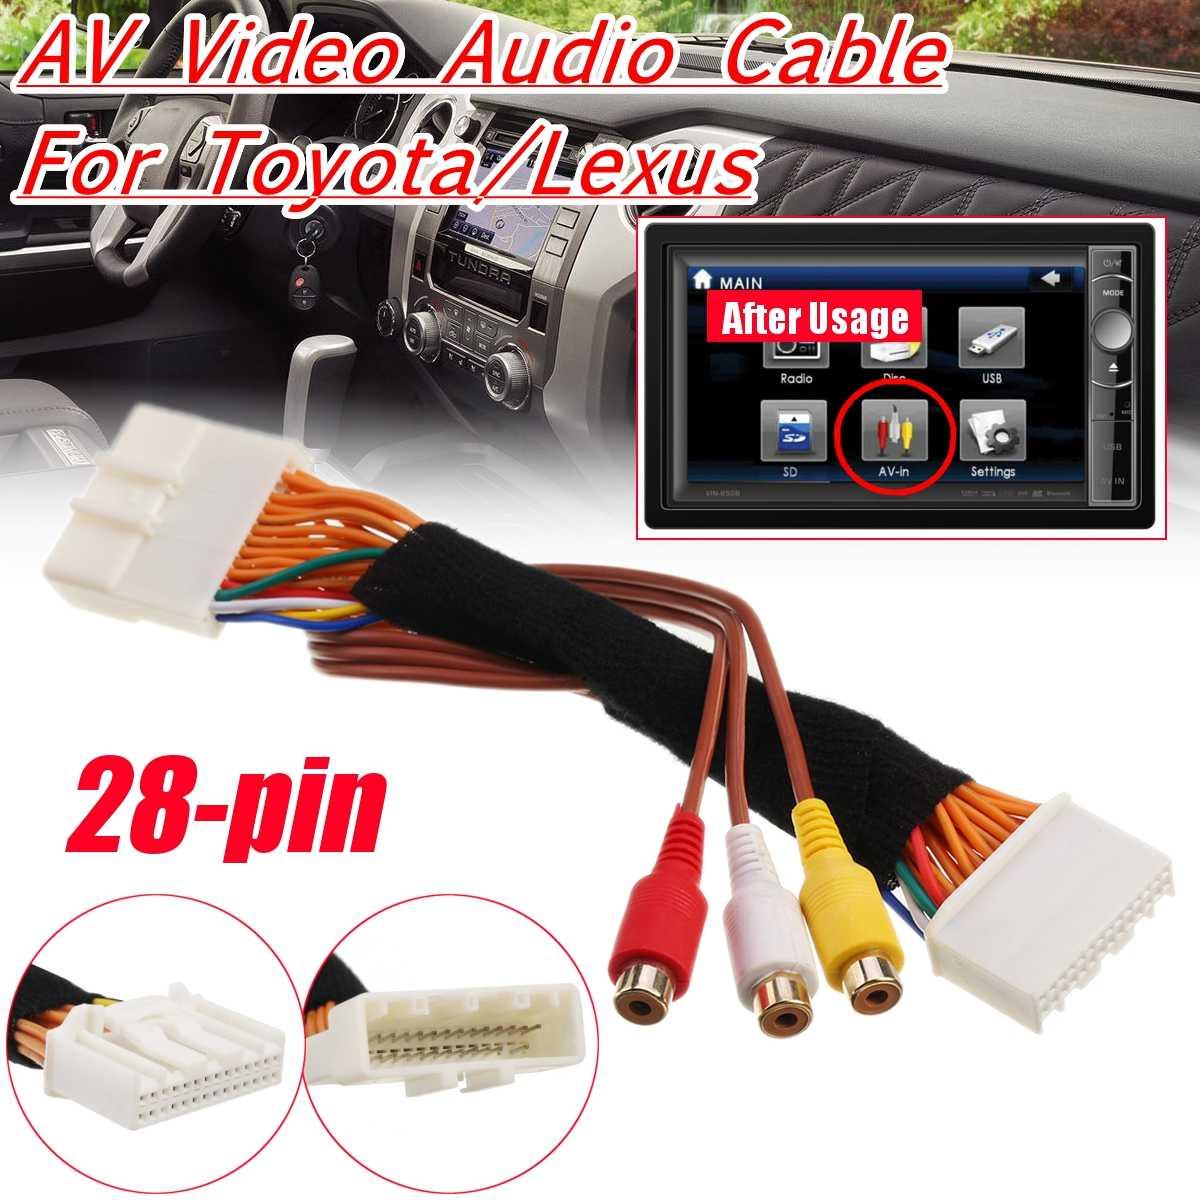 28 Pin AV видео аудио кабель для Toyota/Lexus Touch 2 и Entune OEM мониторы головных устройств для Renault & Dacia для Opel для Vauxhall|Кабели, адаптеры и разъемы|   | АлиЭкспресс